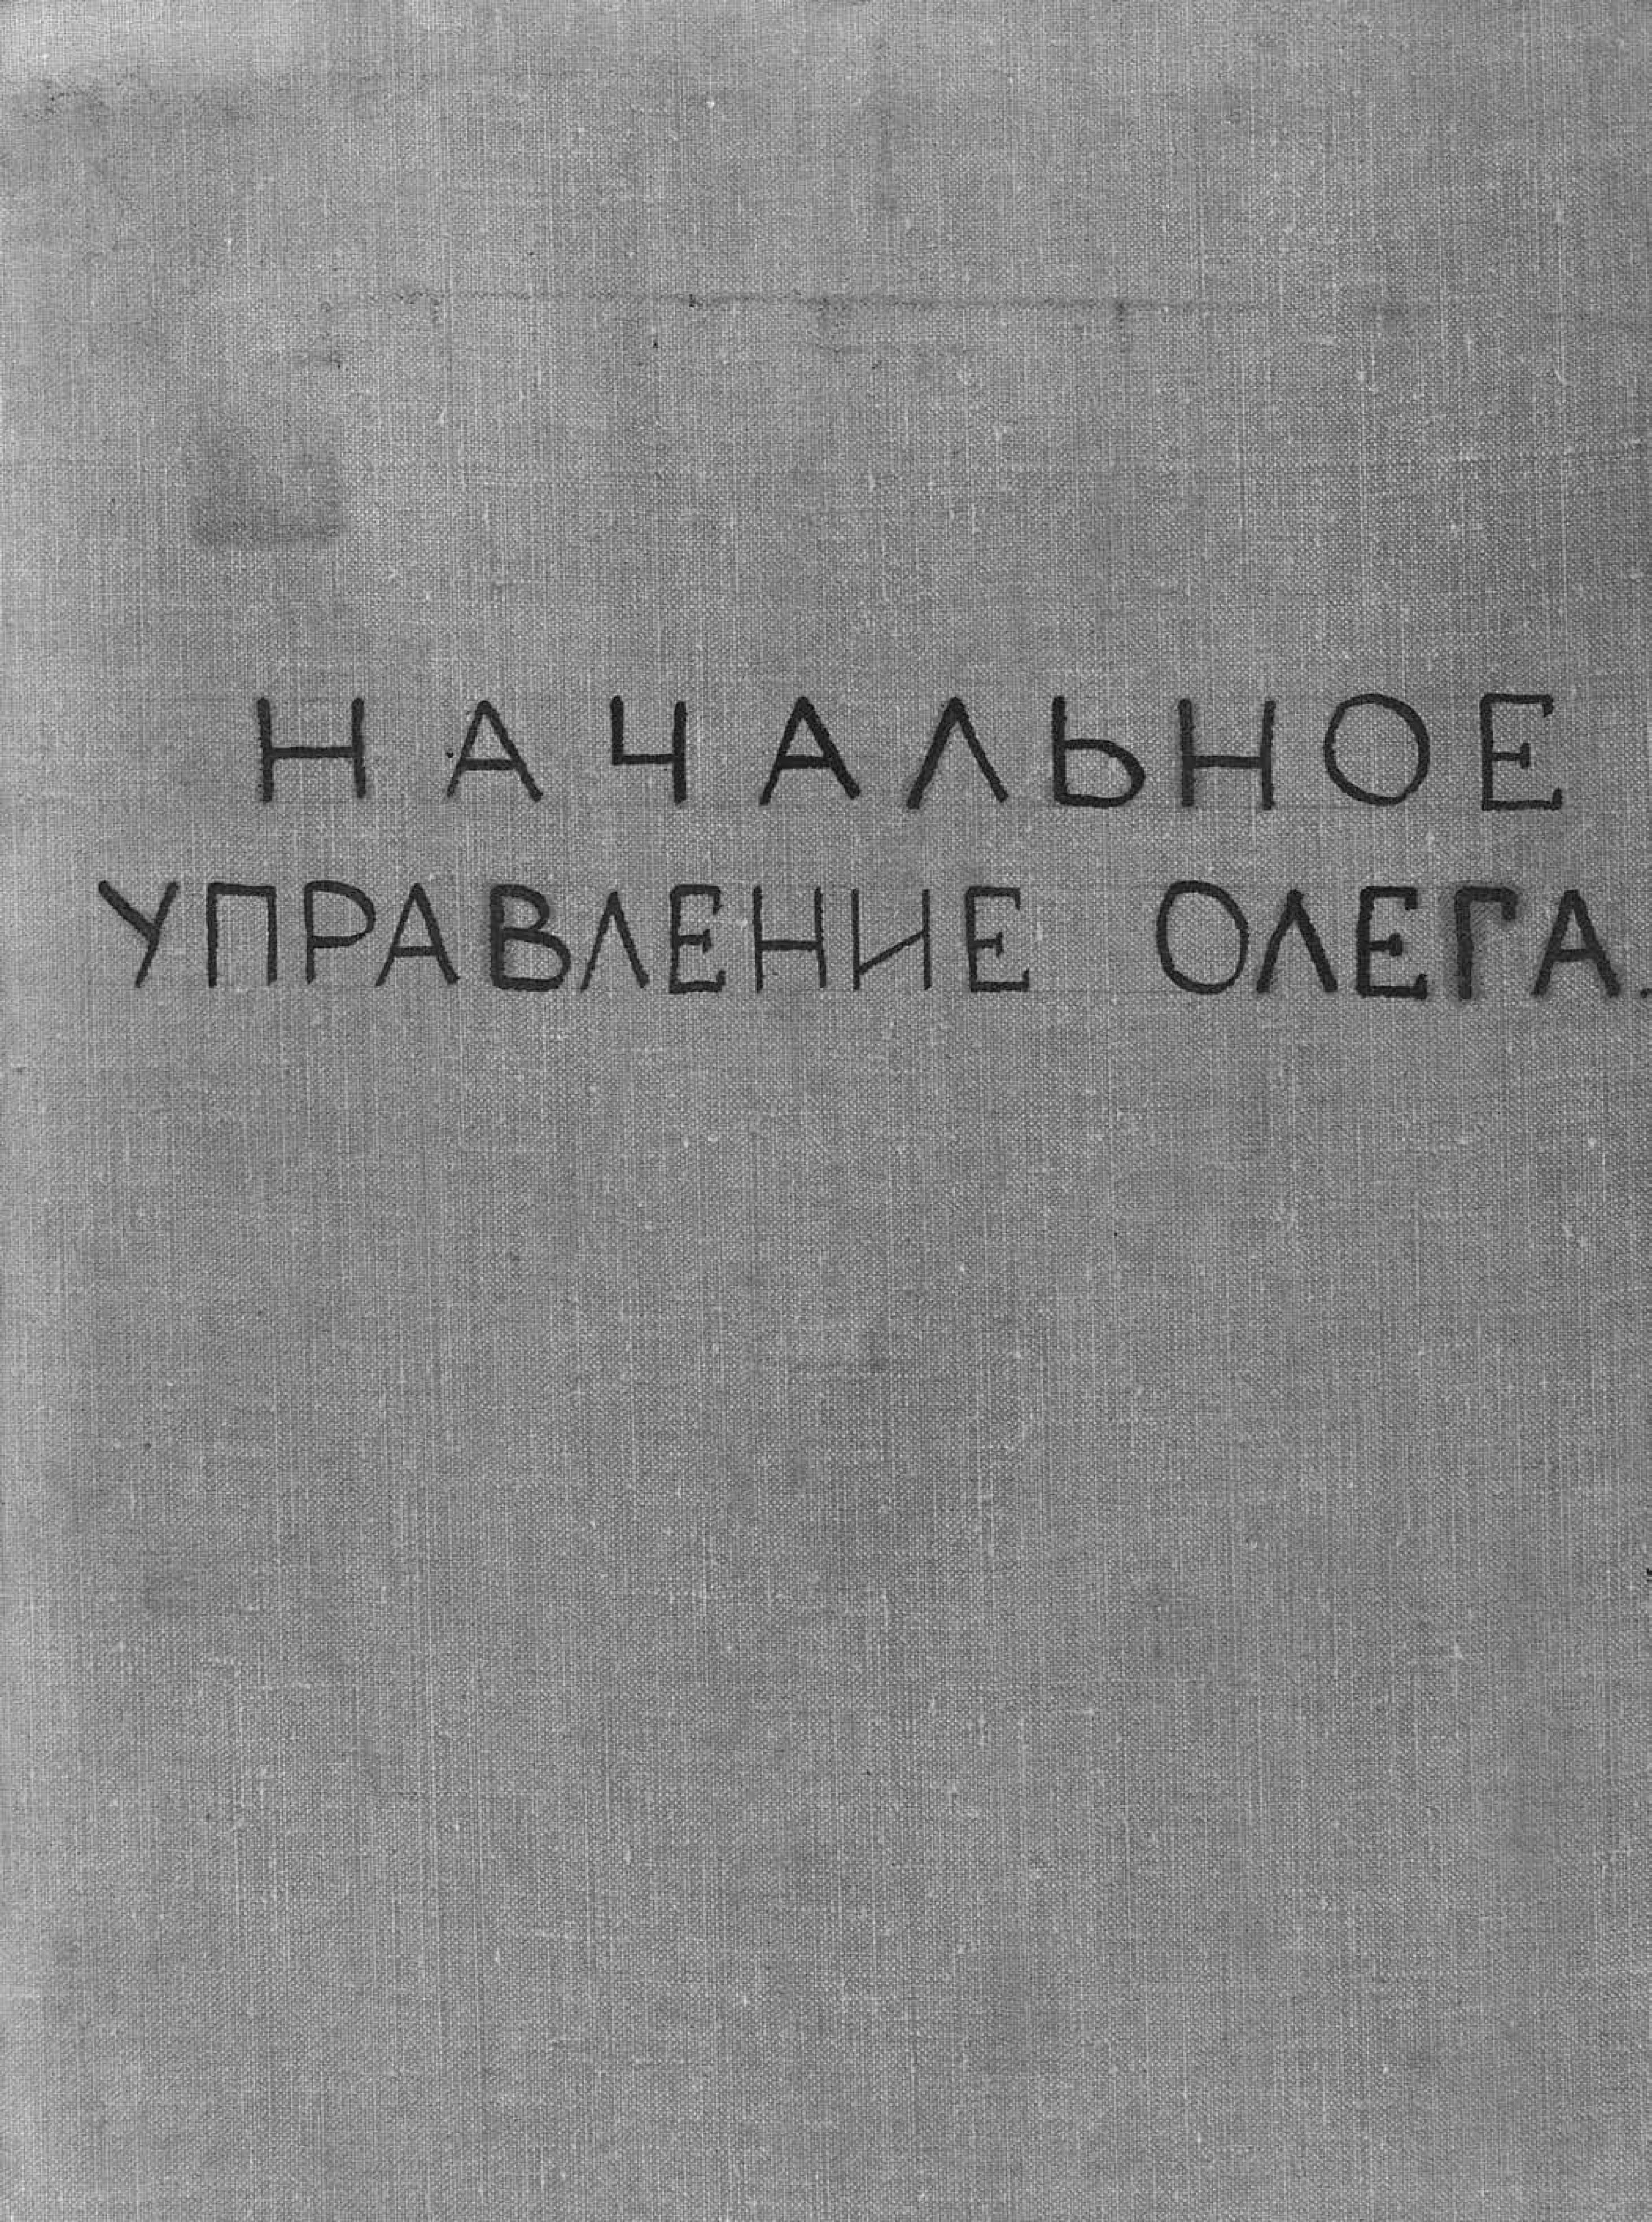 Народное творчество Начальное управление Олега отсутствует начальное народное образование в россии том 3